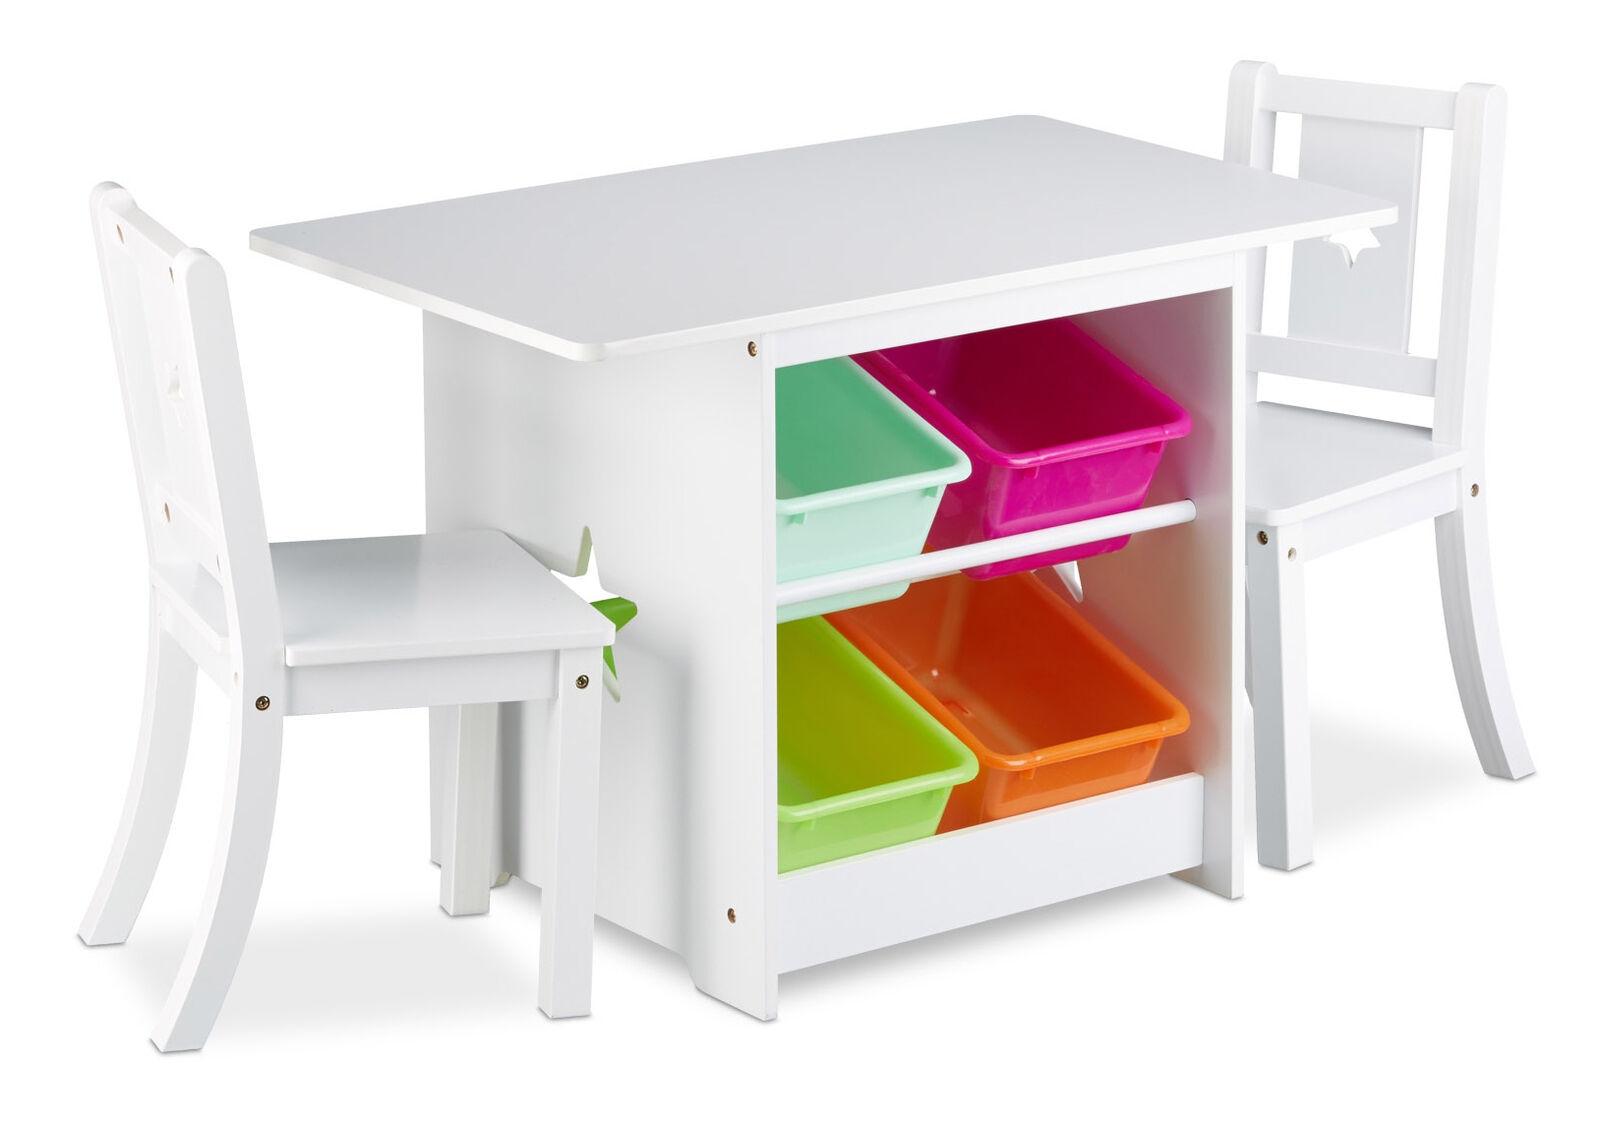 Kindertisch Mit Stauraum: Kinderzimmer kindertische online kaufen ...